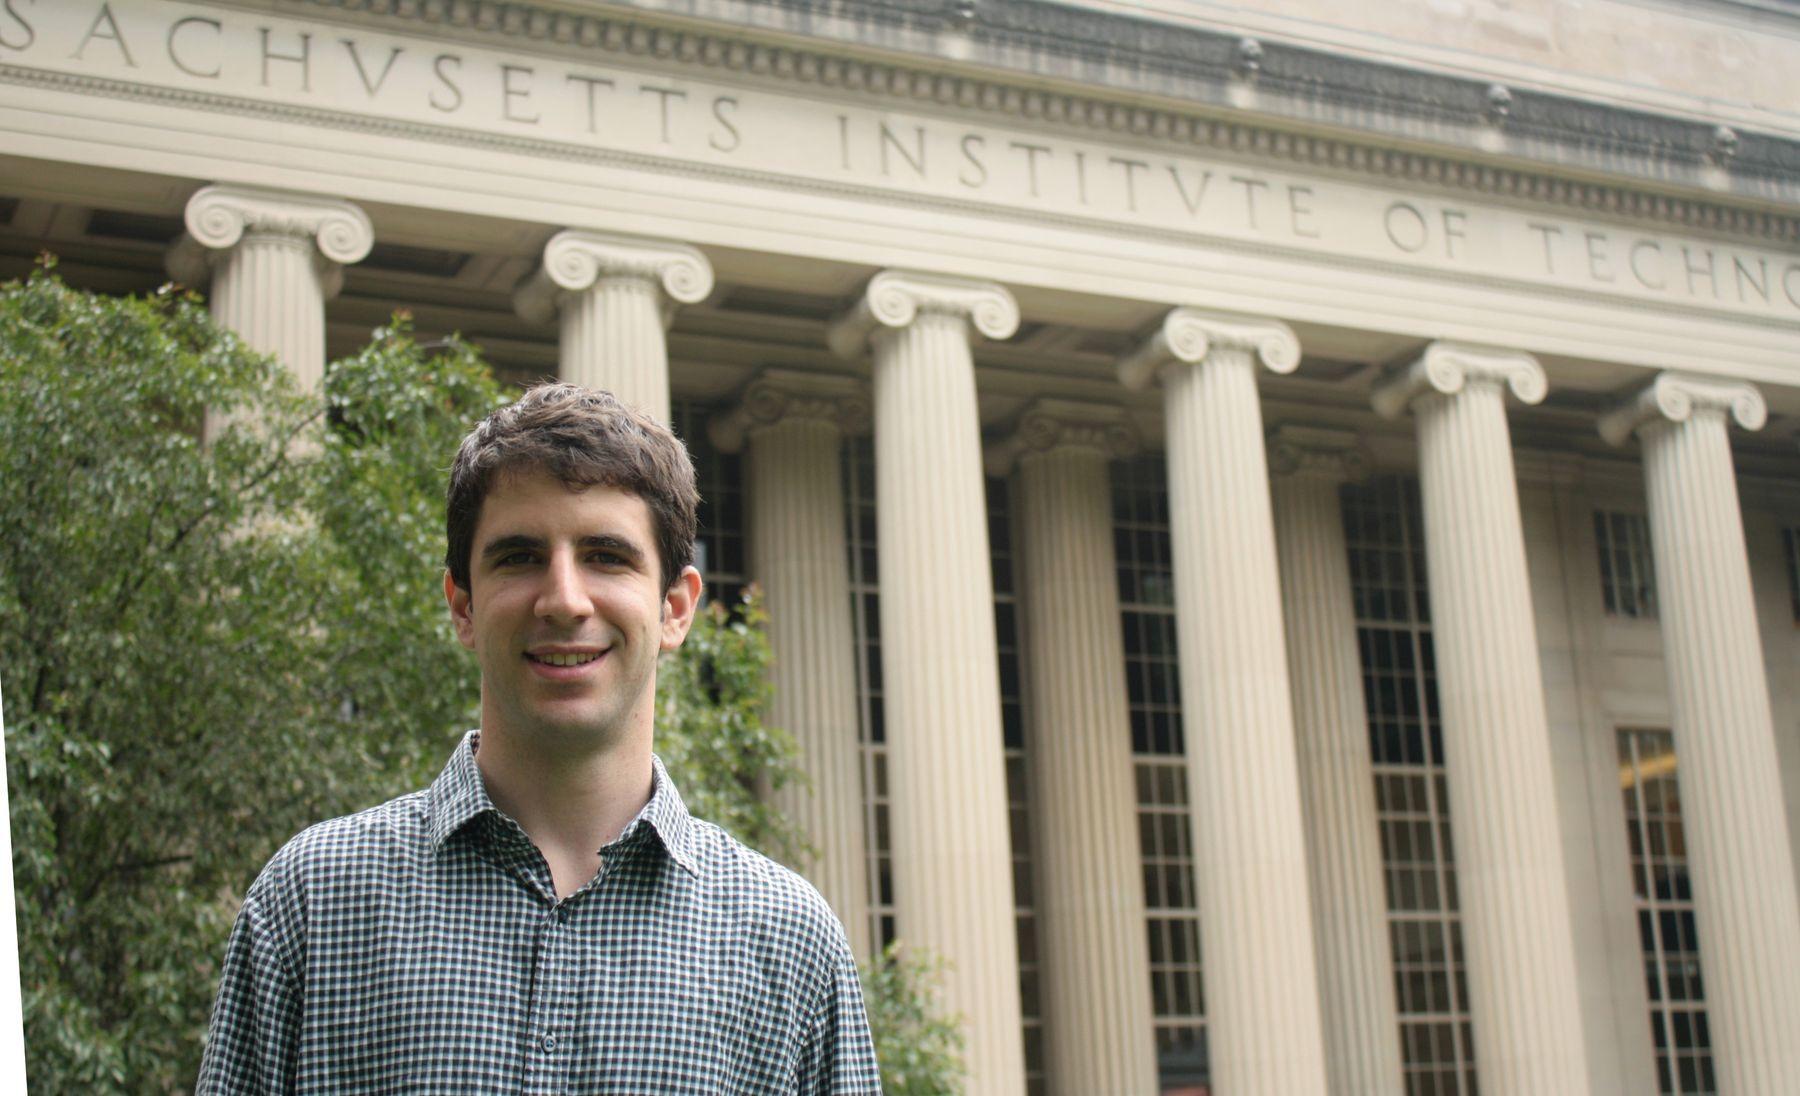 NUPeko ingeniari batek doktoretza tesia defendatu MITen